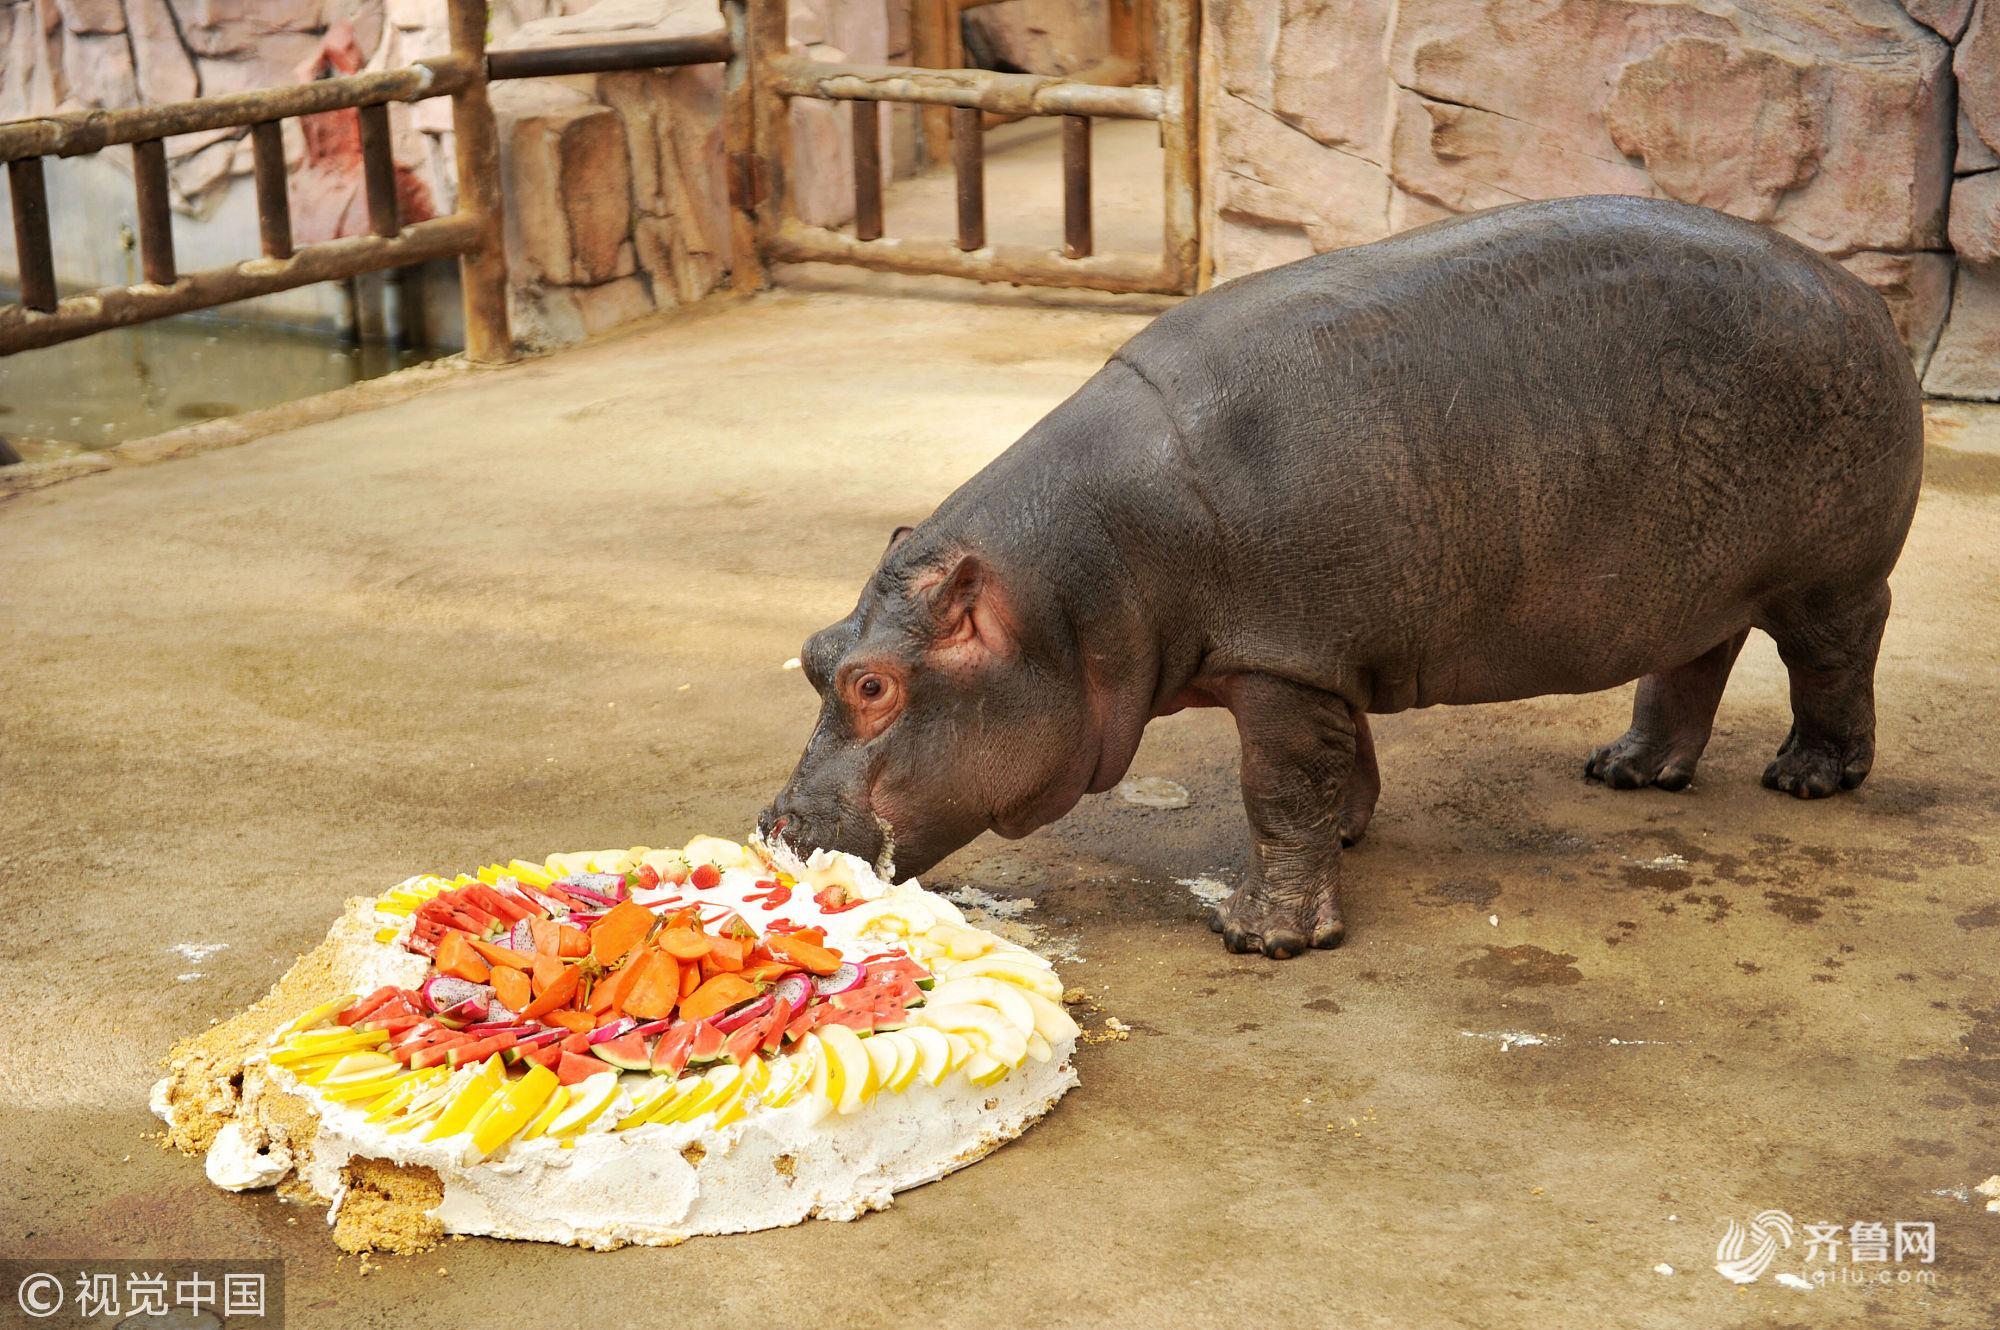 山东青岛:小河马迎来周岁生日 小朋友们制作生日蛋糕庆生